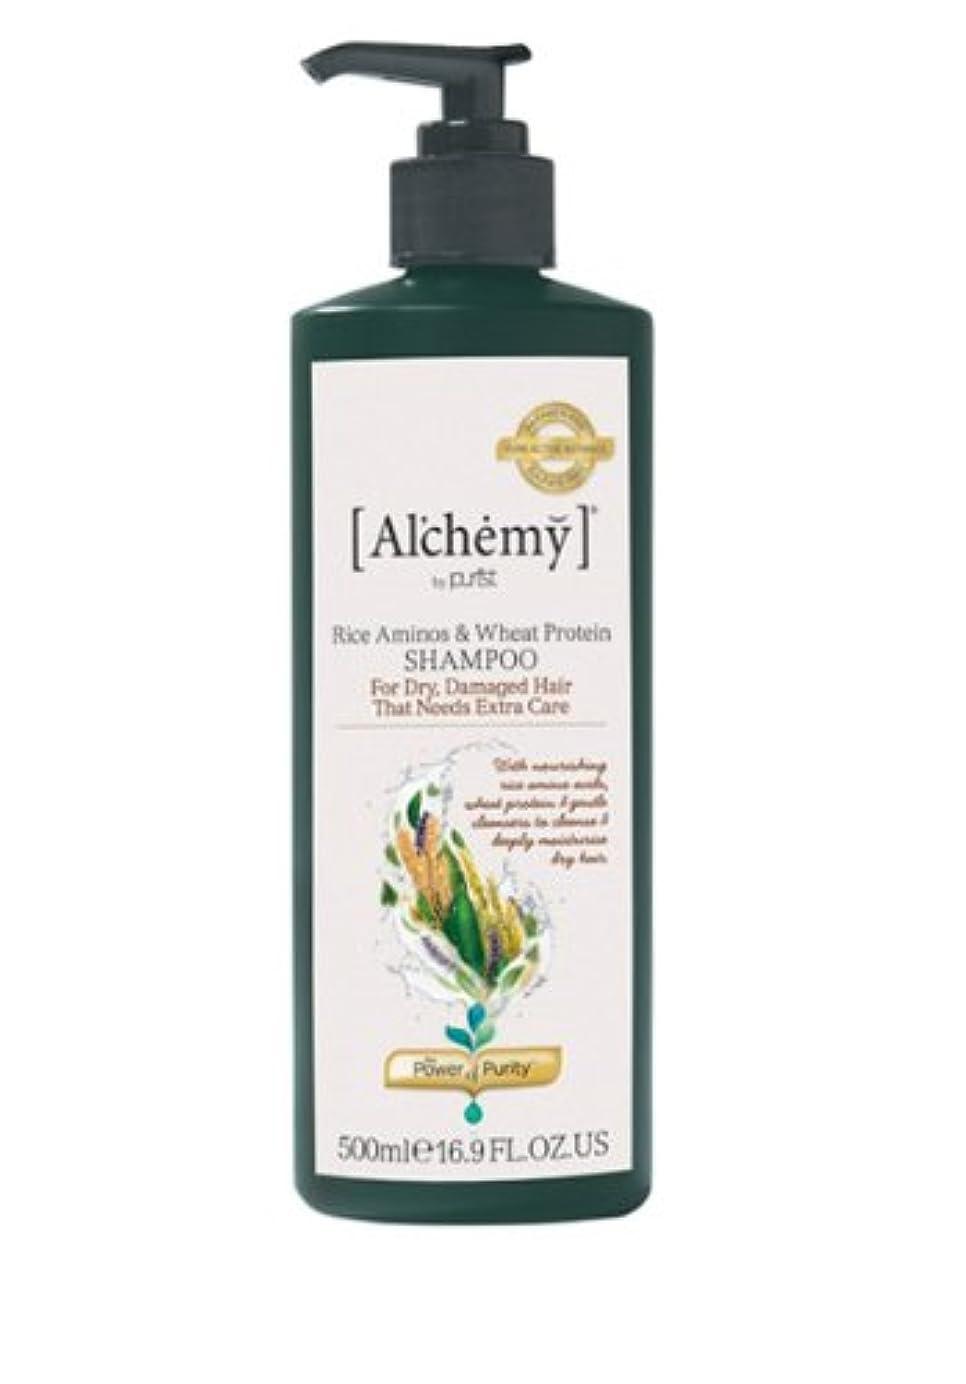 うがい薬競合他社選手服を着る【Al'chemy(alchemy)】アルケミー ライス アミノス モイスチャーシャンプー(Rice Aminos-Intensive Moisture Shampoo)(ドライ髪用)500ml